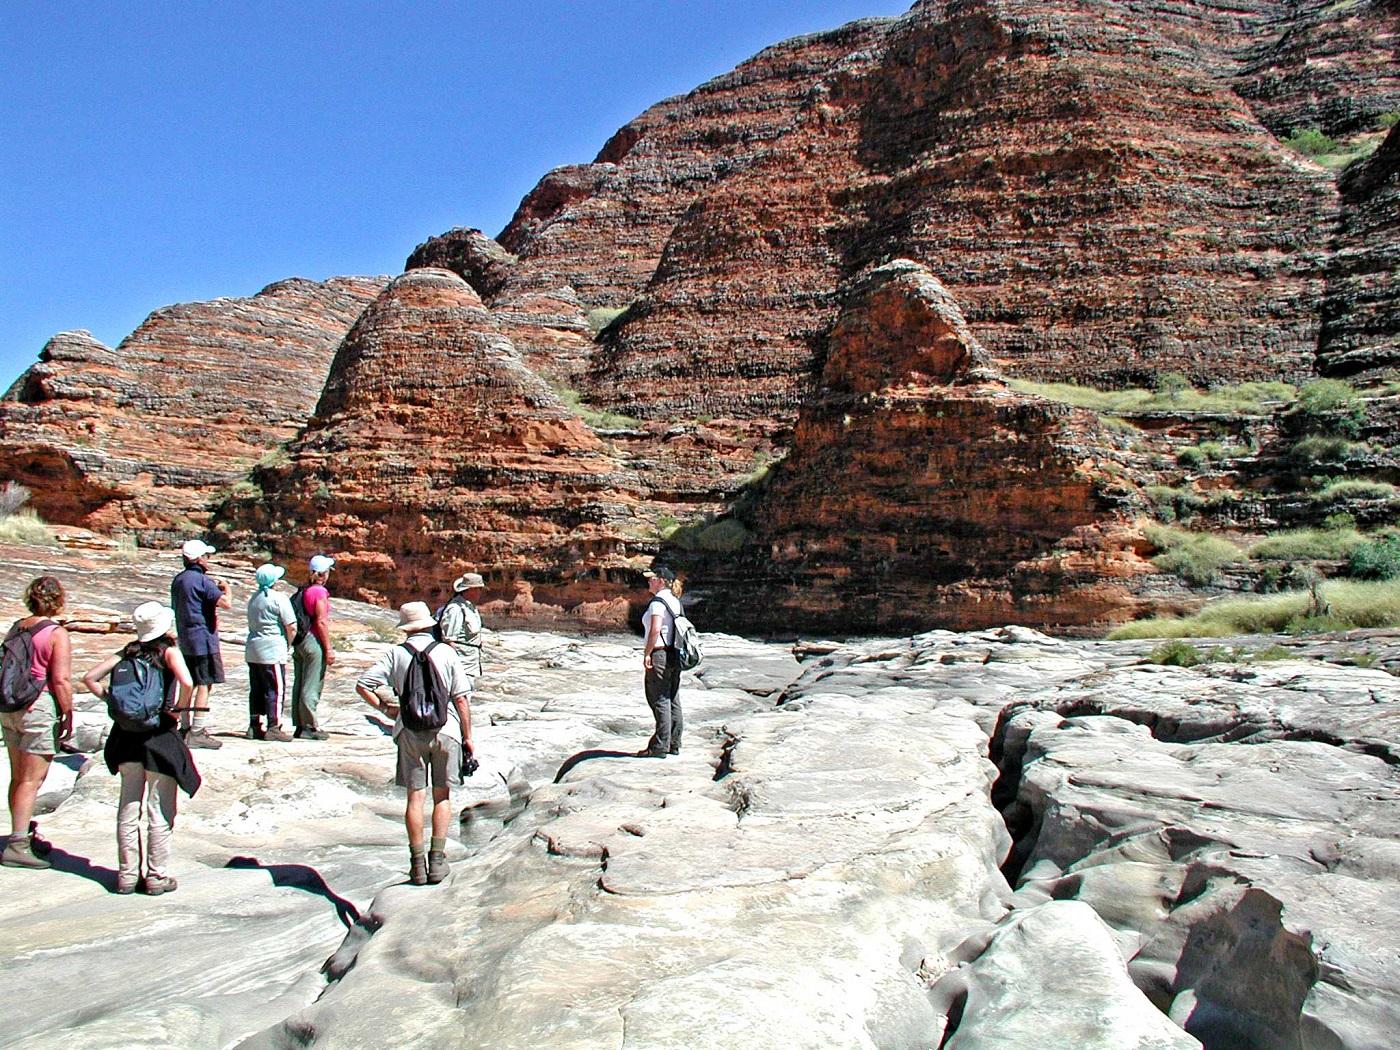 Turiștii admiră necontenit orizontul inedit